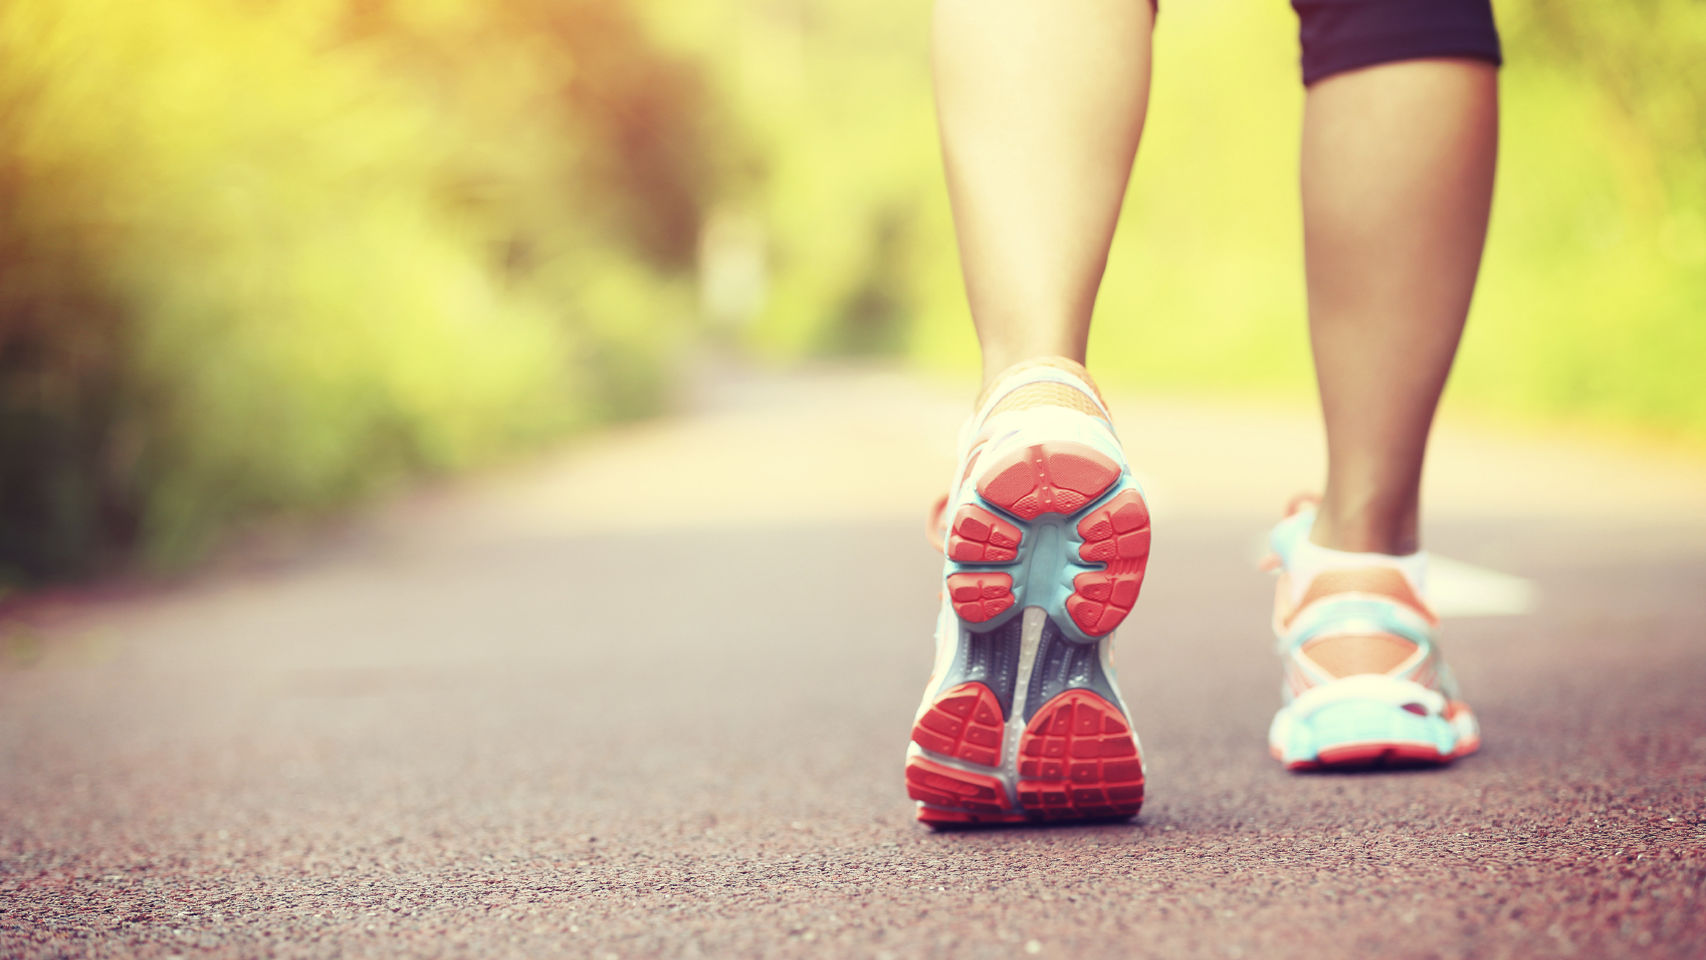 Unos pies andando